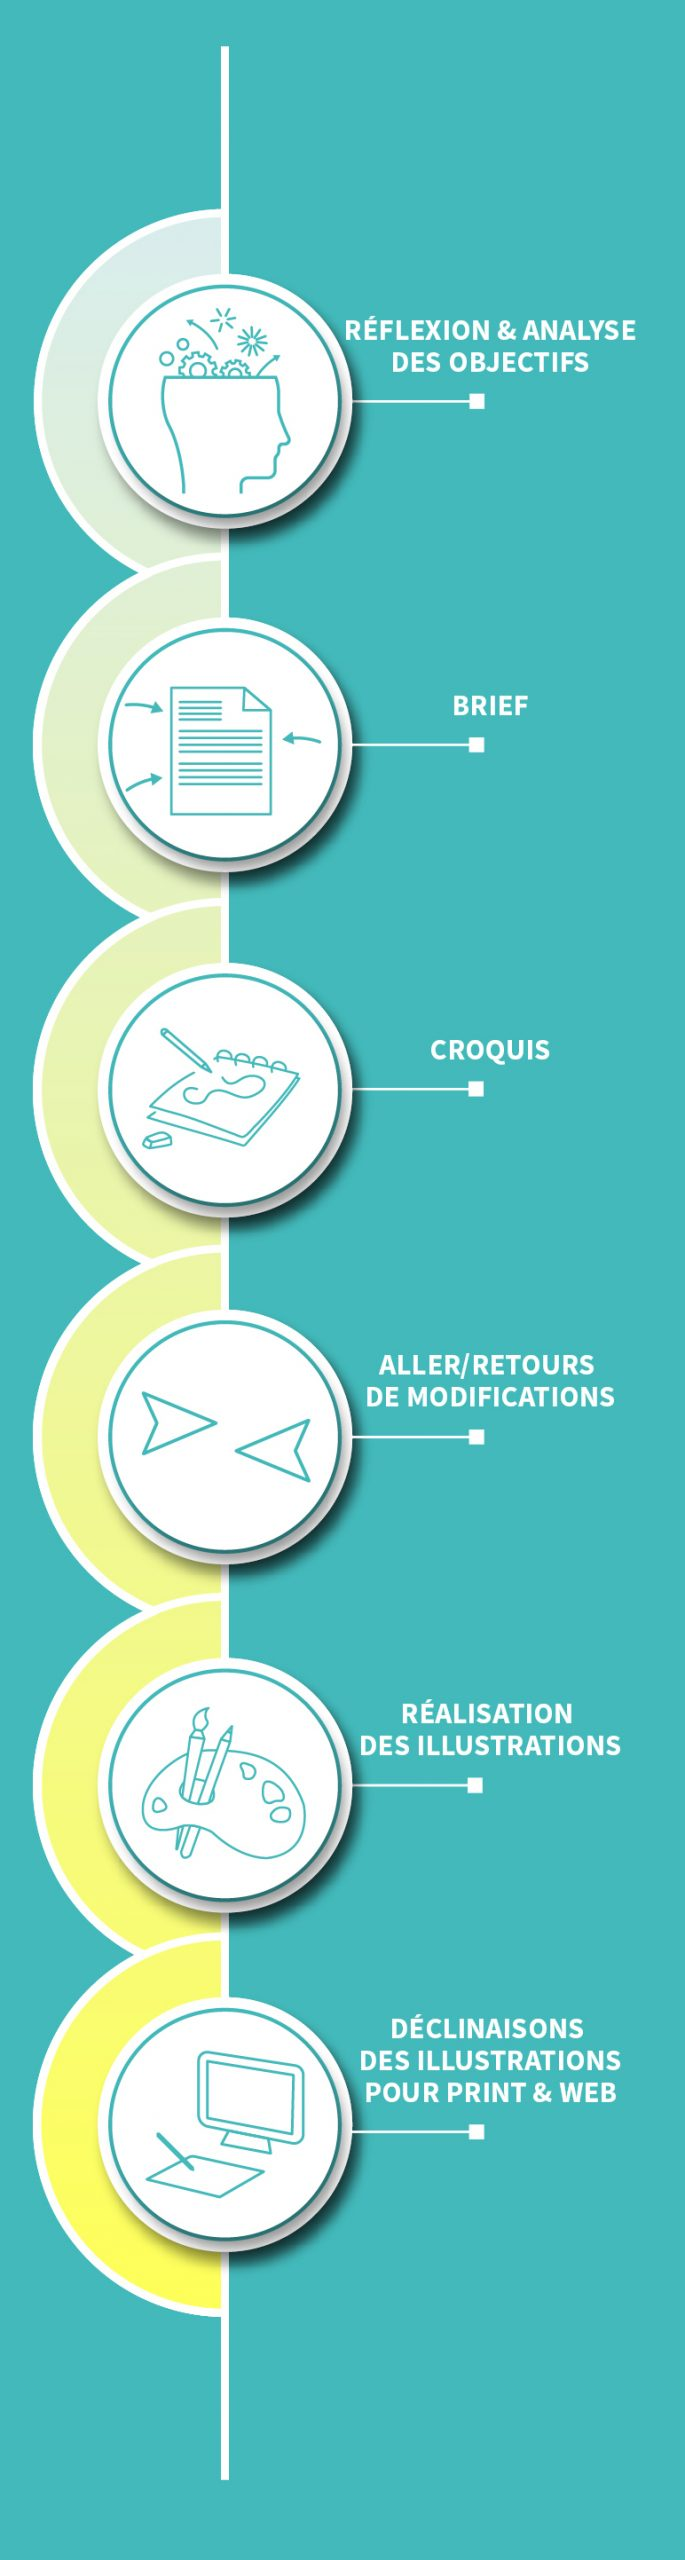 Process création d'illustration CLC